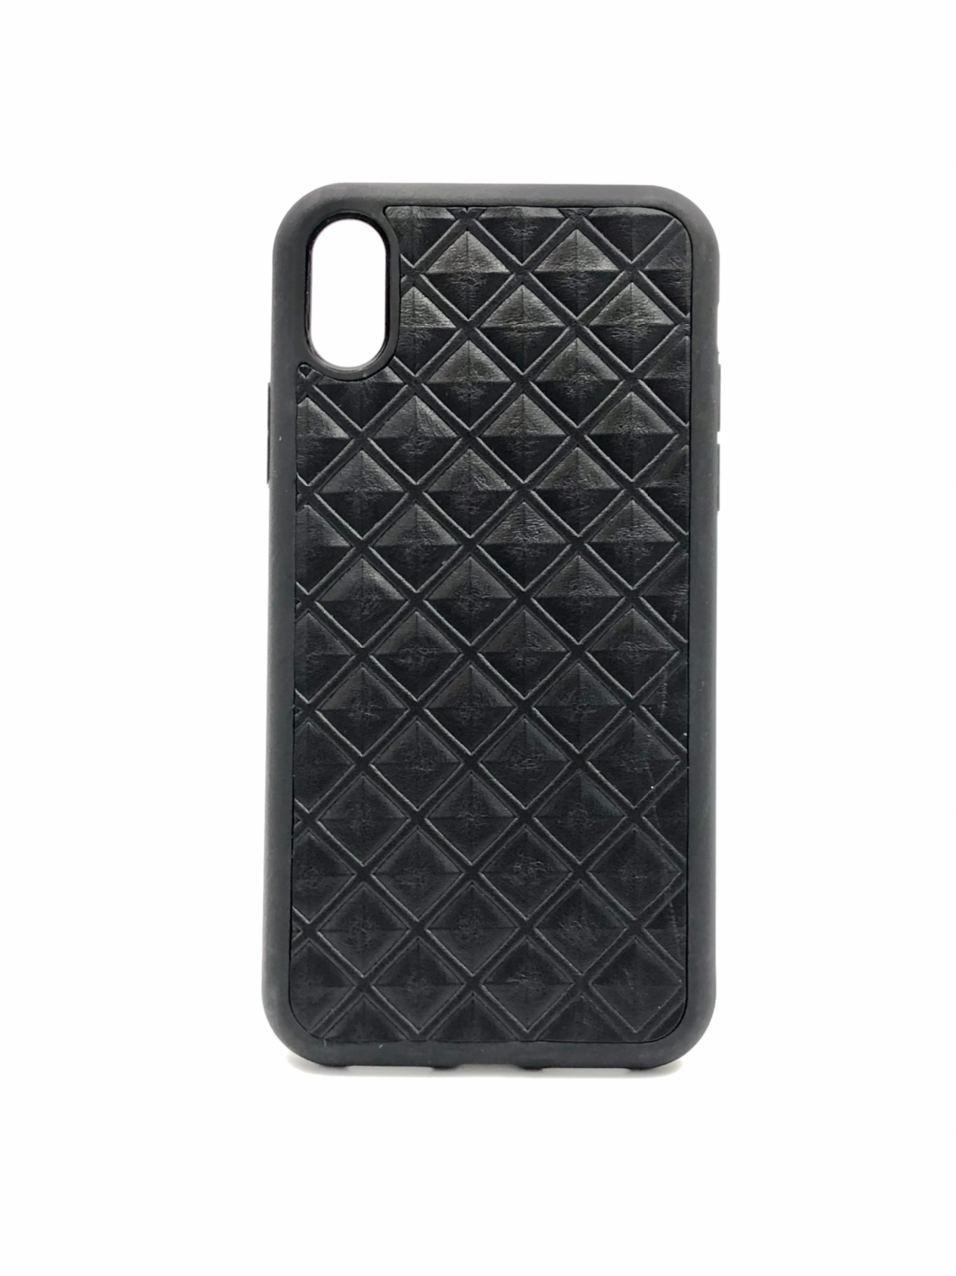 Чехол для iPhone Xs Max чёрного цвета из Телячьей кожи тиснёной под ромбы